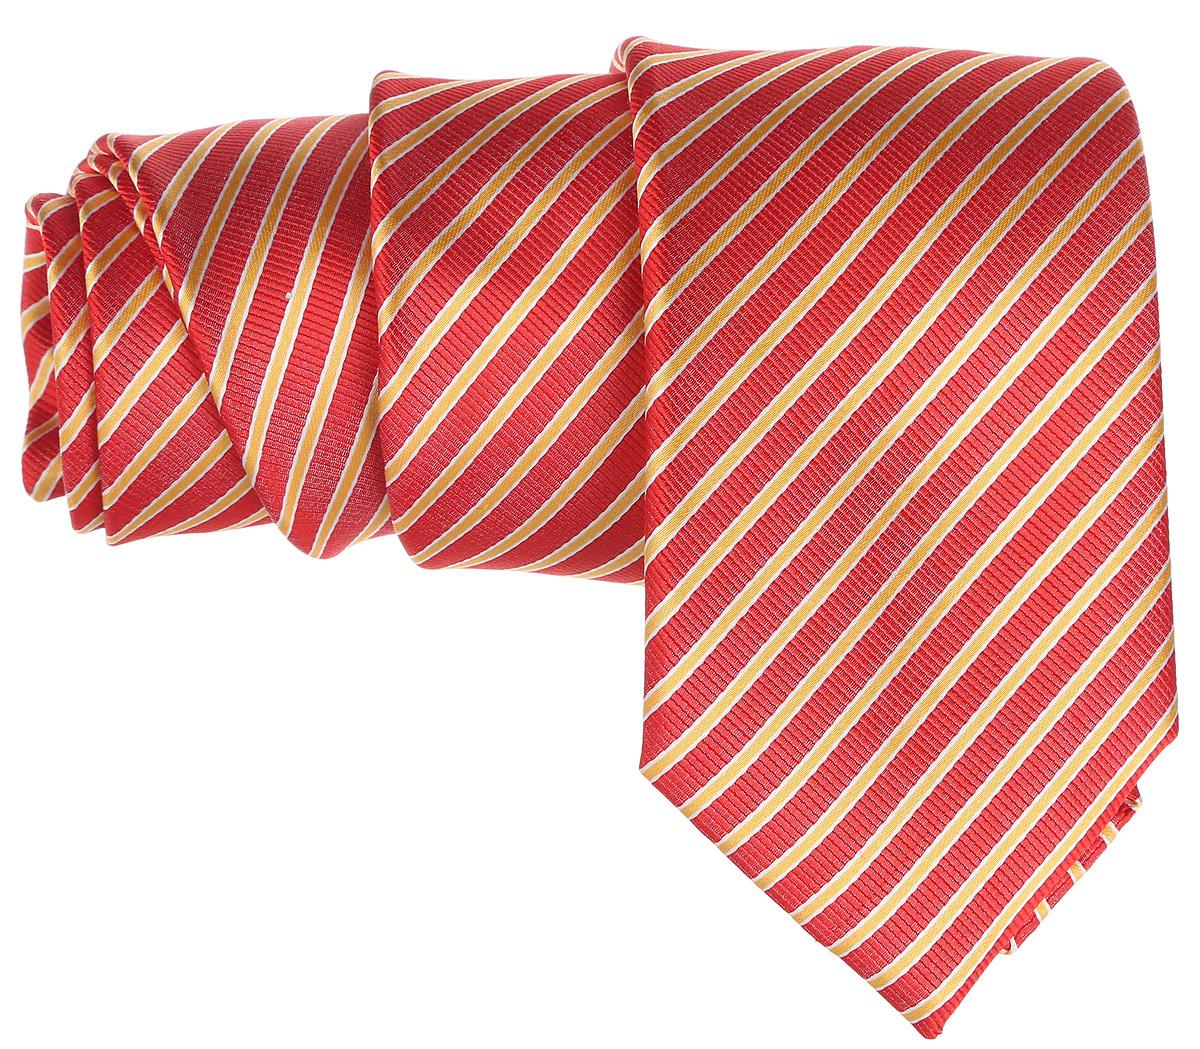 Галстук. 12.01521812.015218Стильный галстук BTC станет отличным завершающим штрихом вашего образа. Этот модный аксессуар порадует вас высоким качеством исполнения и современным дизайном. Изделие полностью выполнено из качественного шелка. Галстук оформлен оригинальным принтом. Такой оригинальный галстук подойдет как к повседневному, так и к официальному наряду, он позволит вам подчеркнуть свою индивидуальность и создать свой неповторимый стиль.